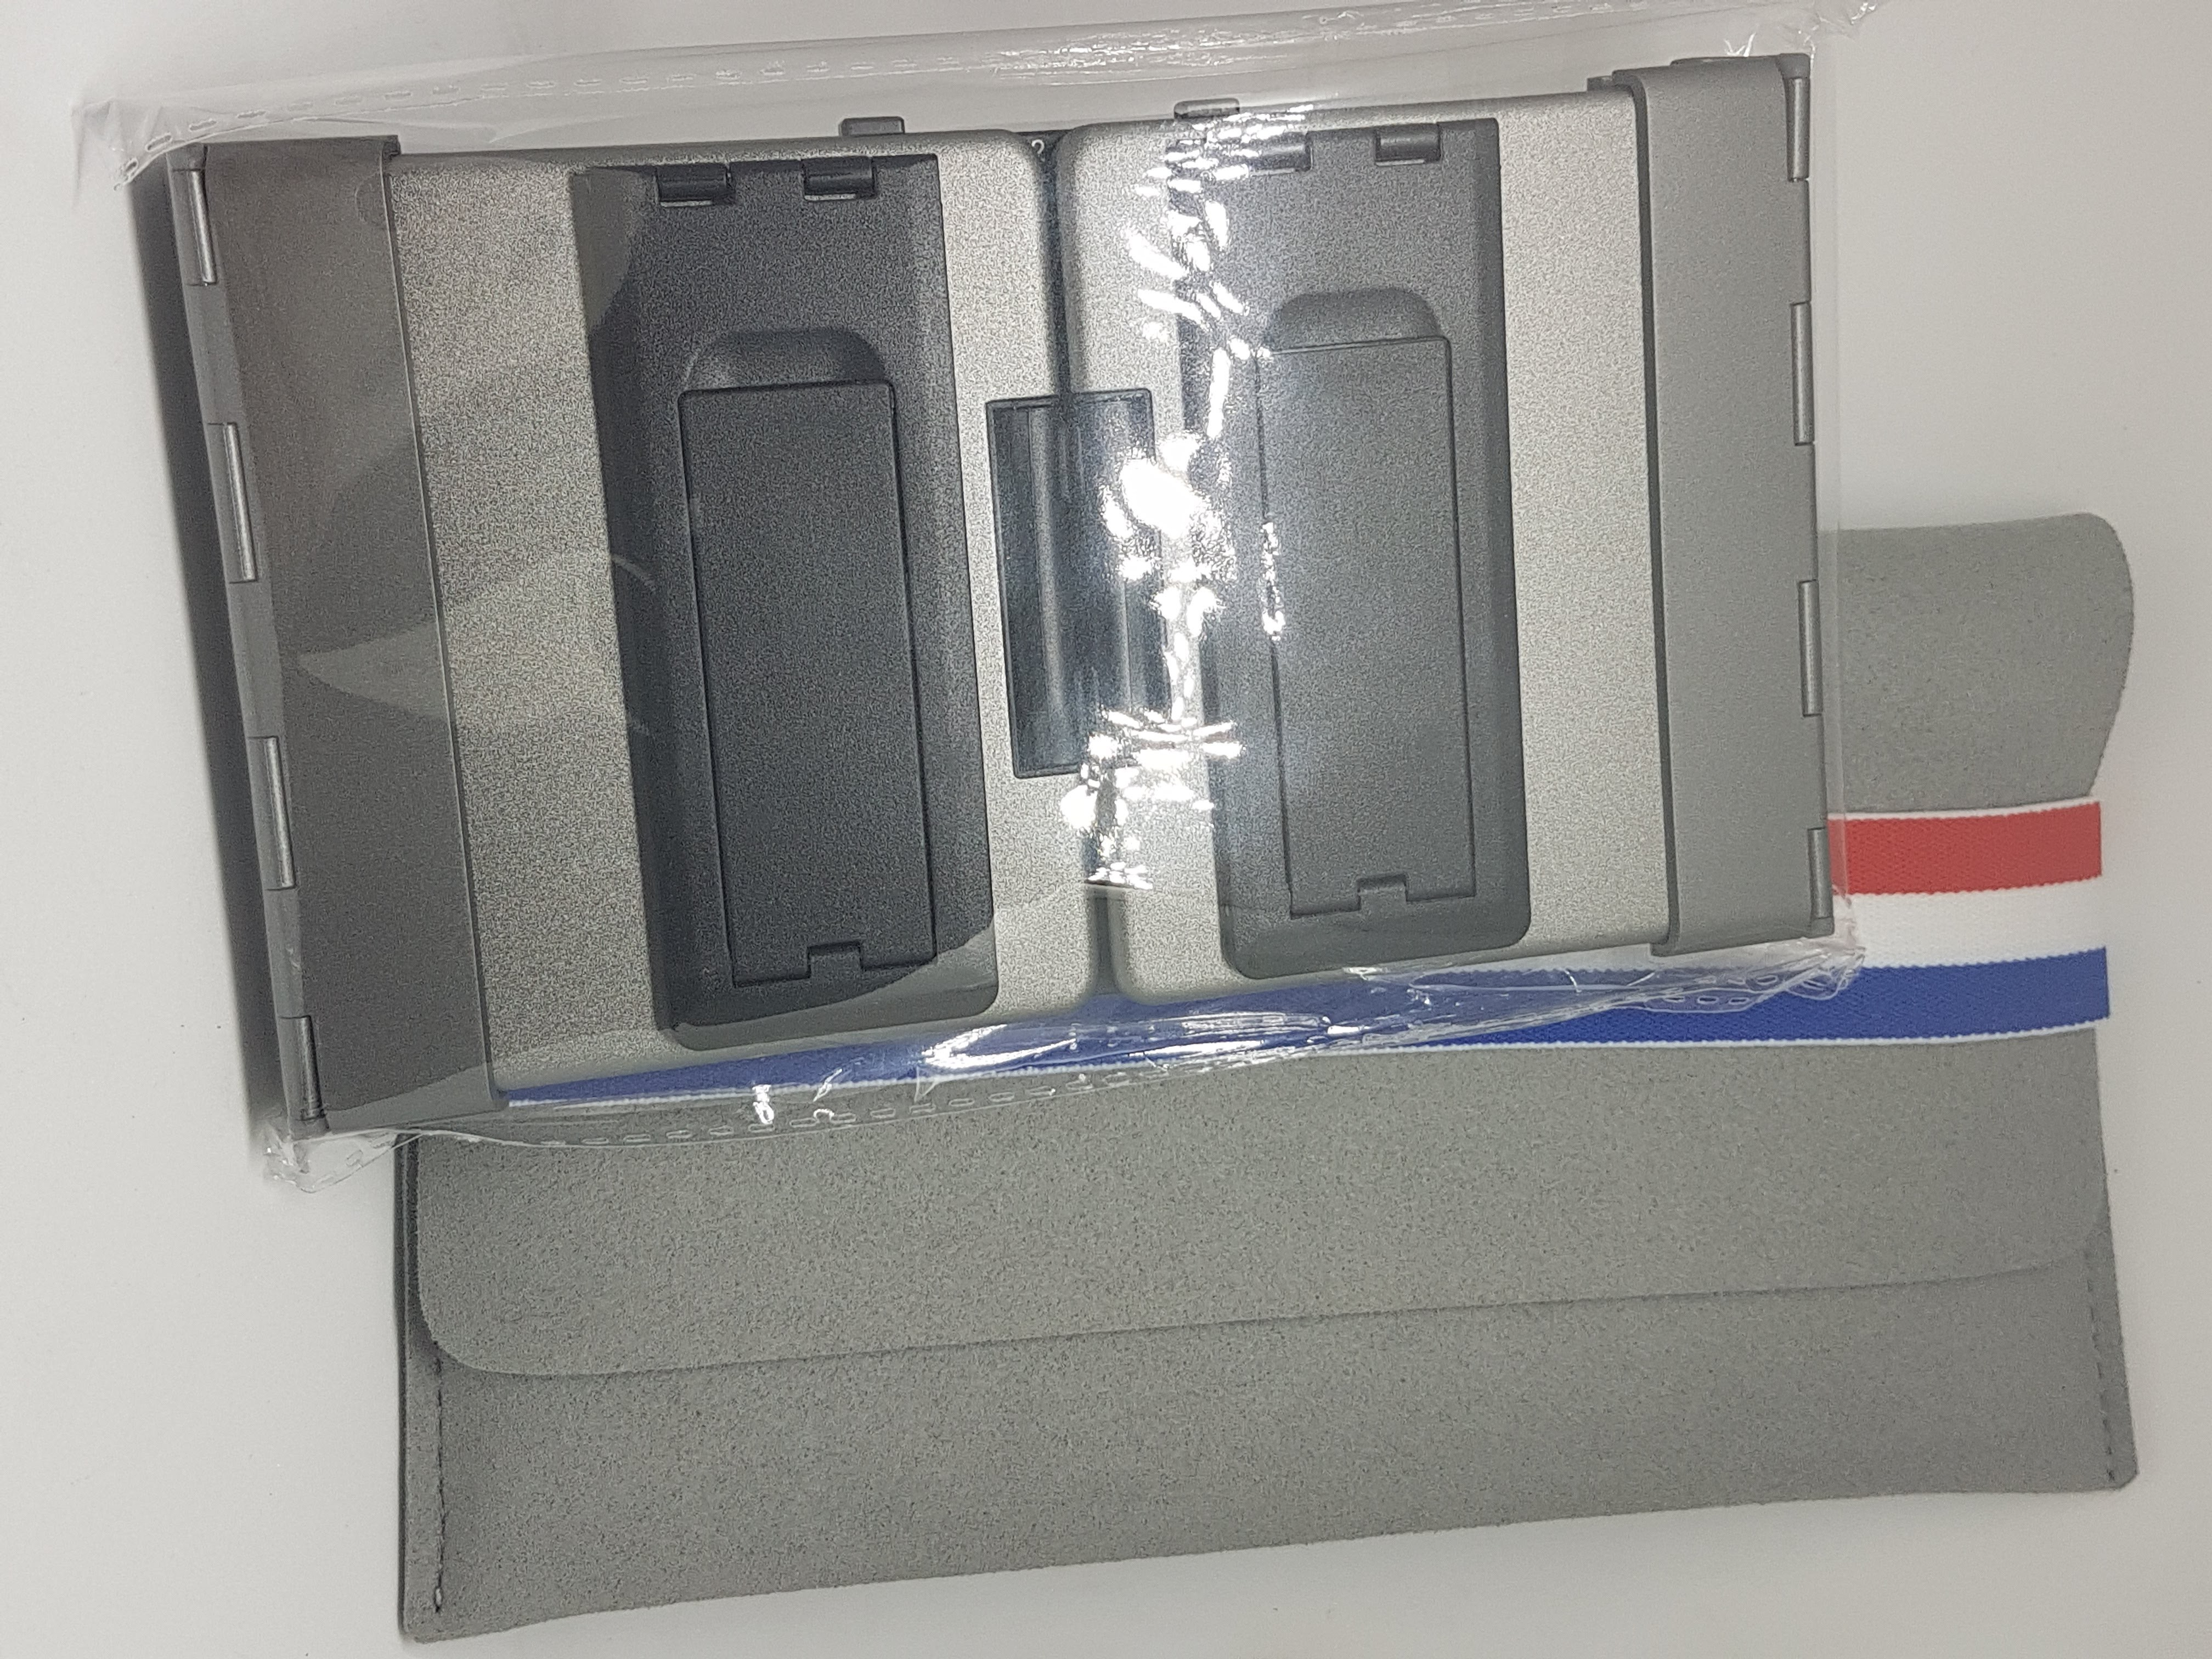 POWERADD-Clavier-Bluetooth-AZERTY - POWERADD-Clavier-Bluetooth-AZERTY-11.jpg